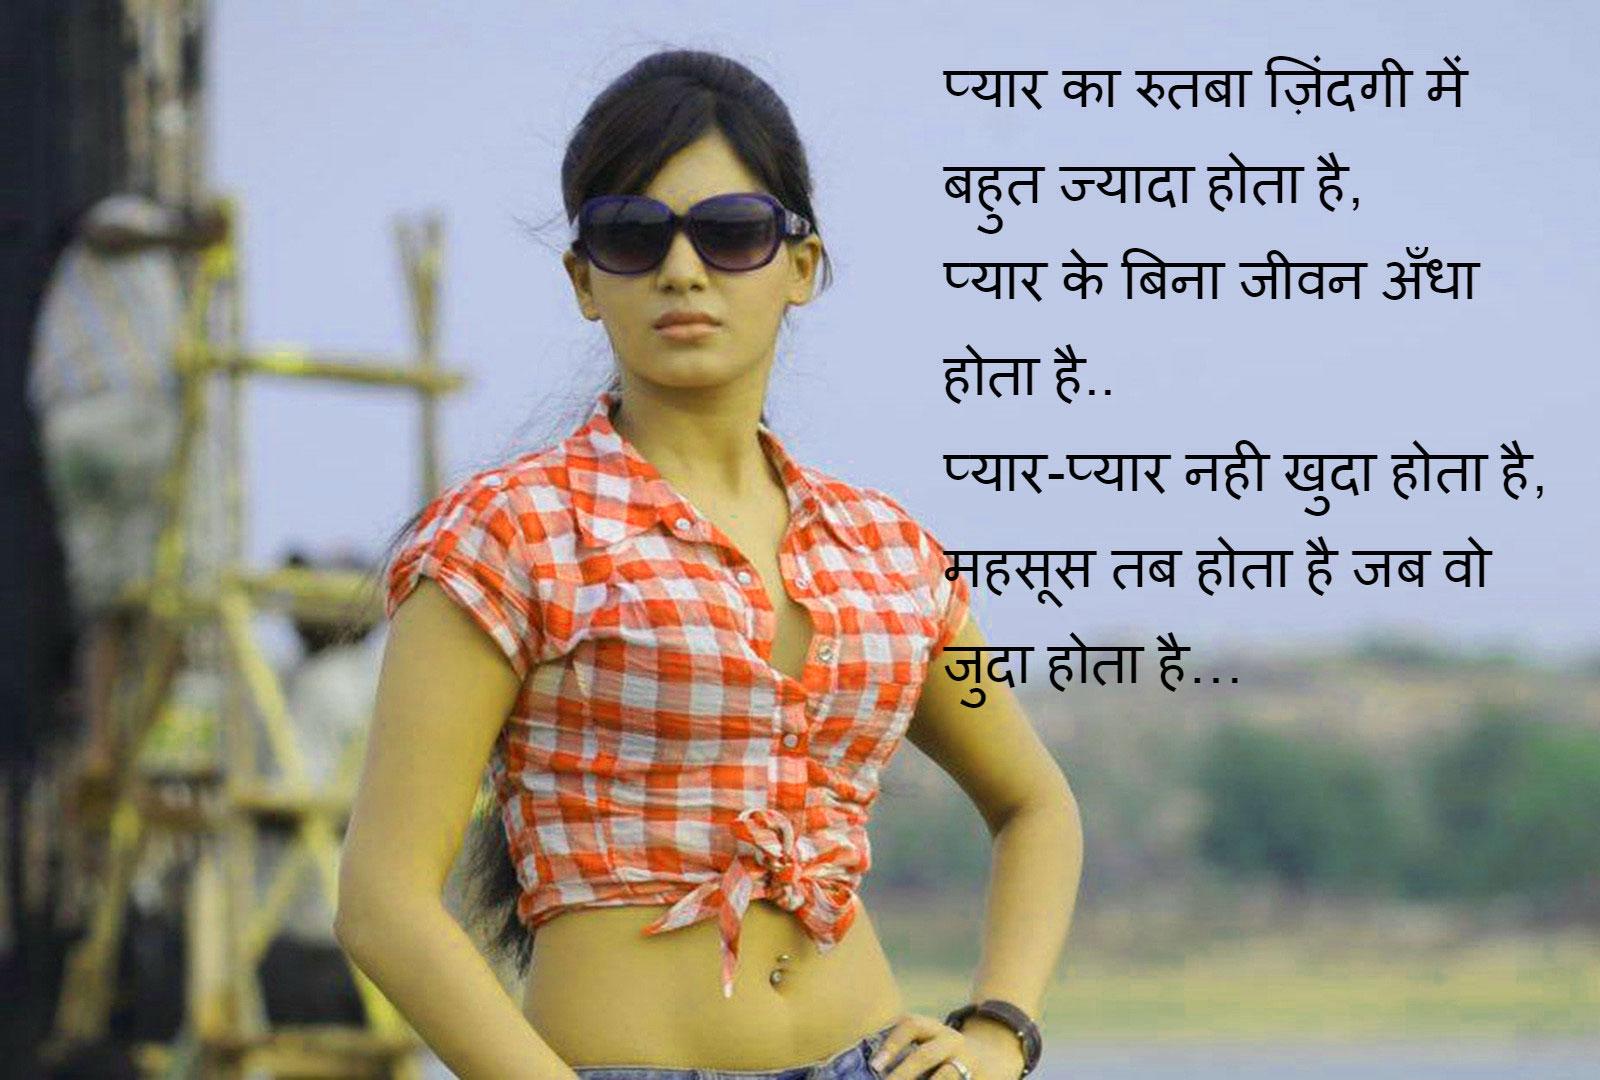 Best Hindi Love Shayari Quotes Whatsapp Status95